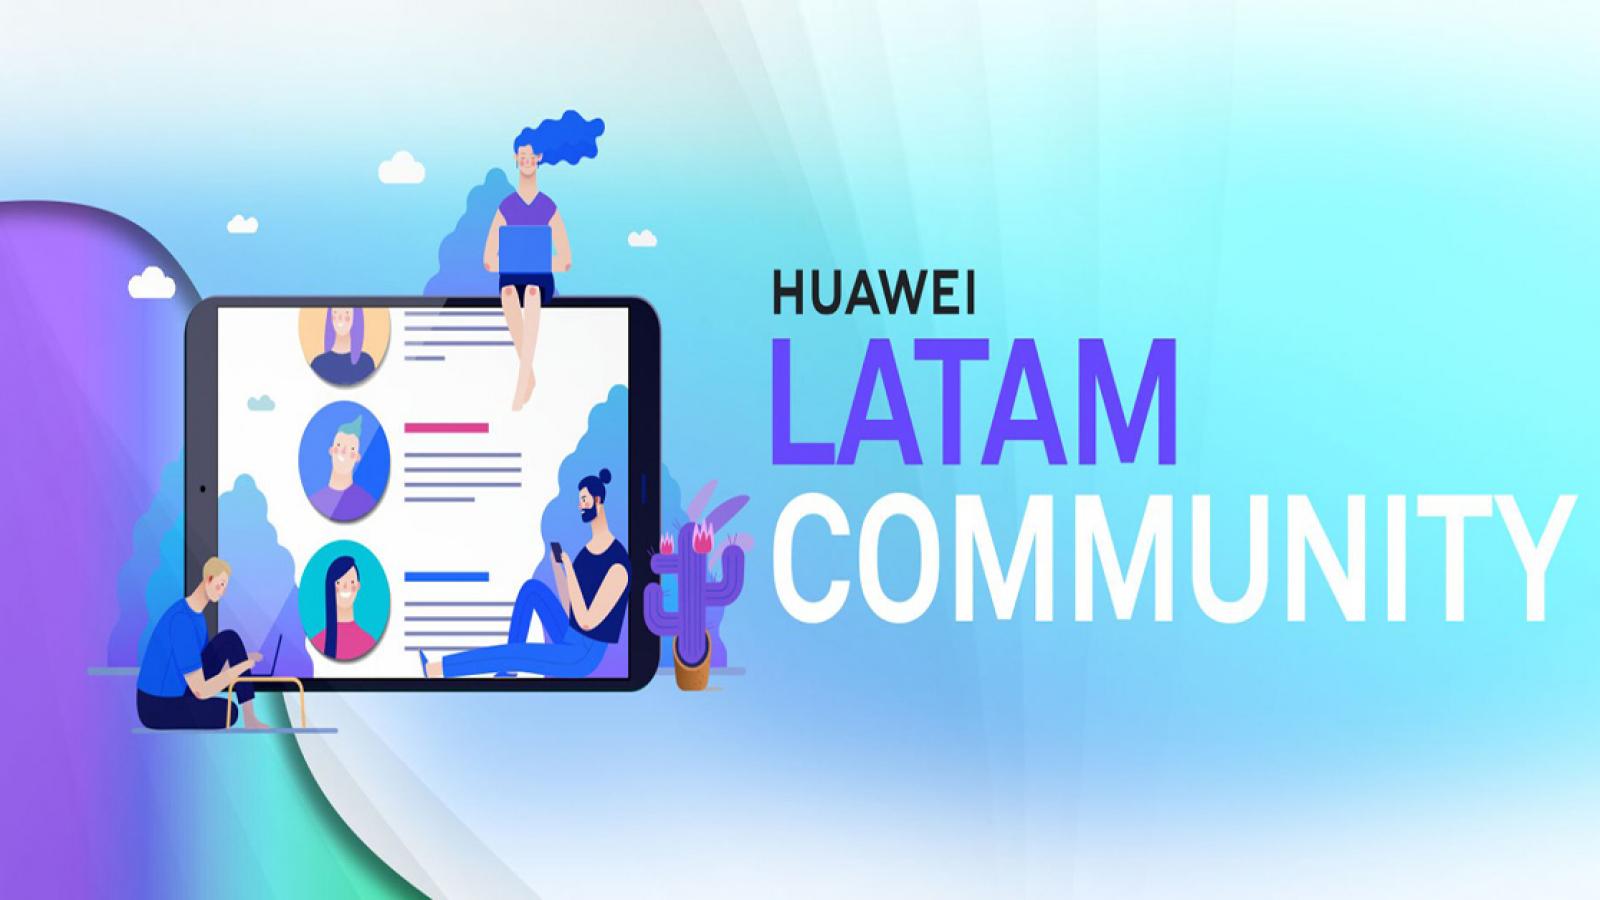 huawei-latam-comunity-portada